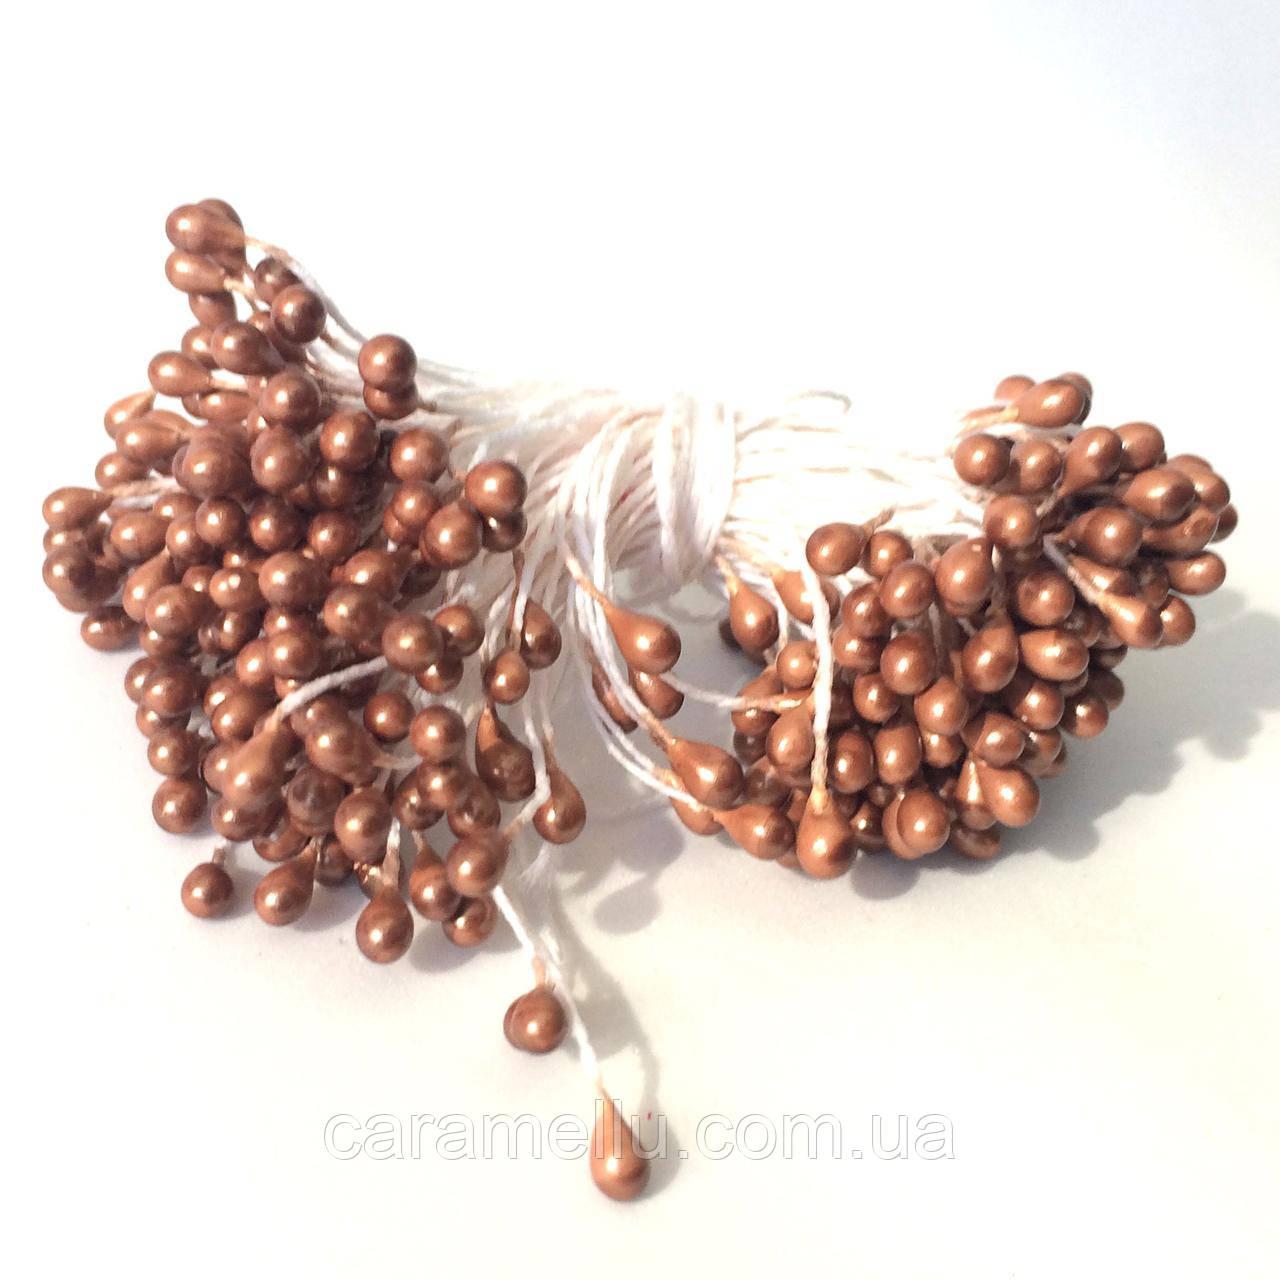 Тычинки глянцевые на нитке 100 штук(200 головок). Цвет коричневый